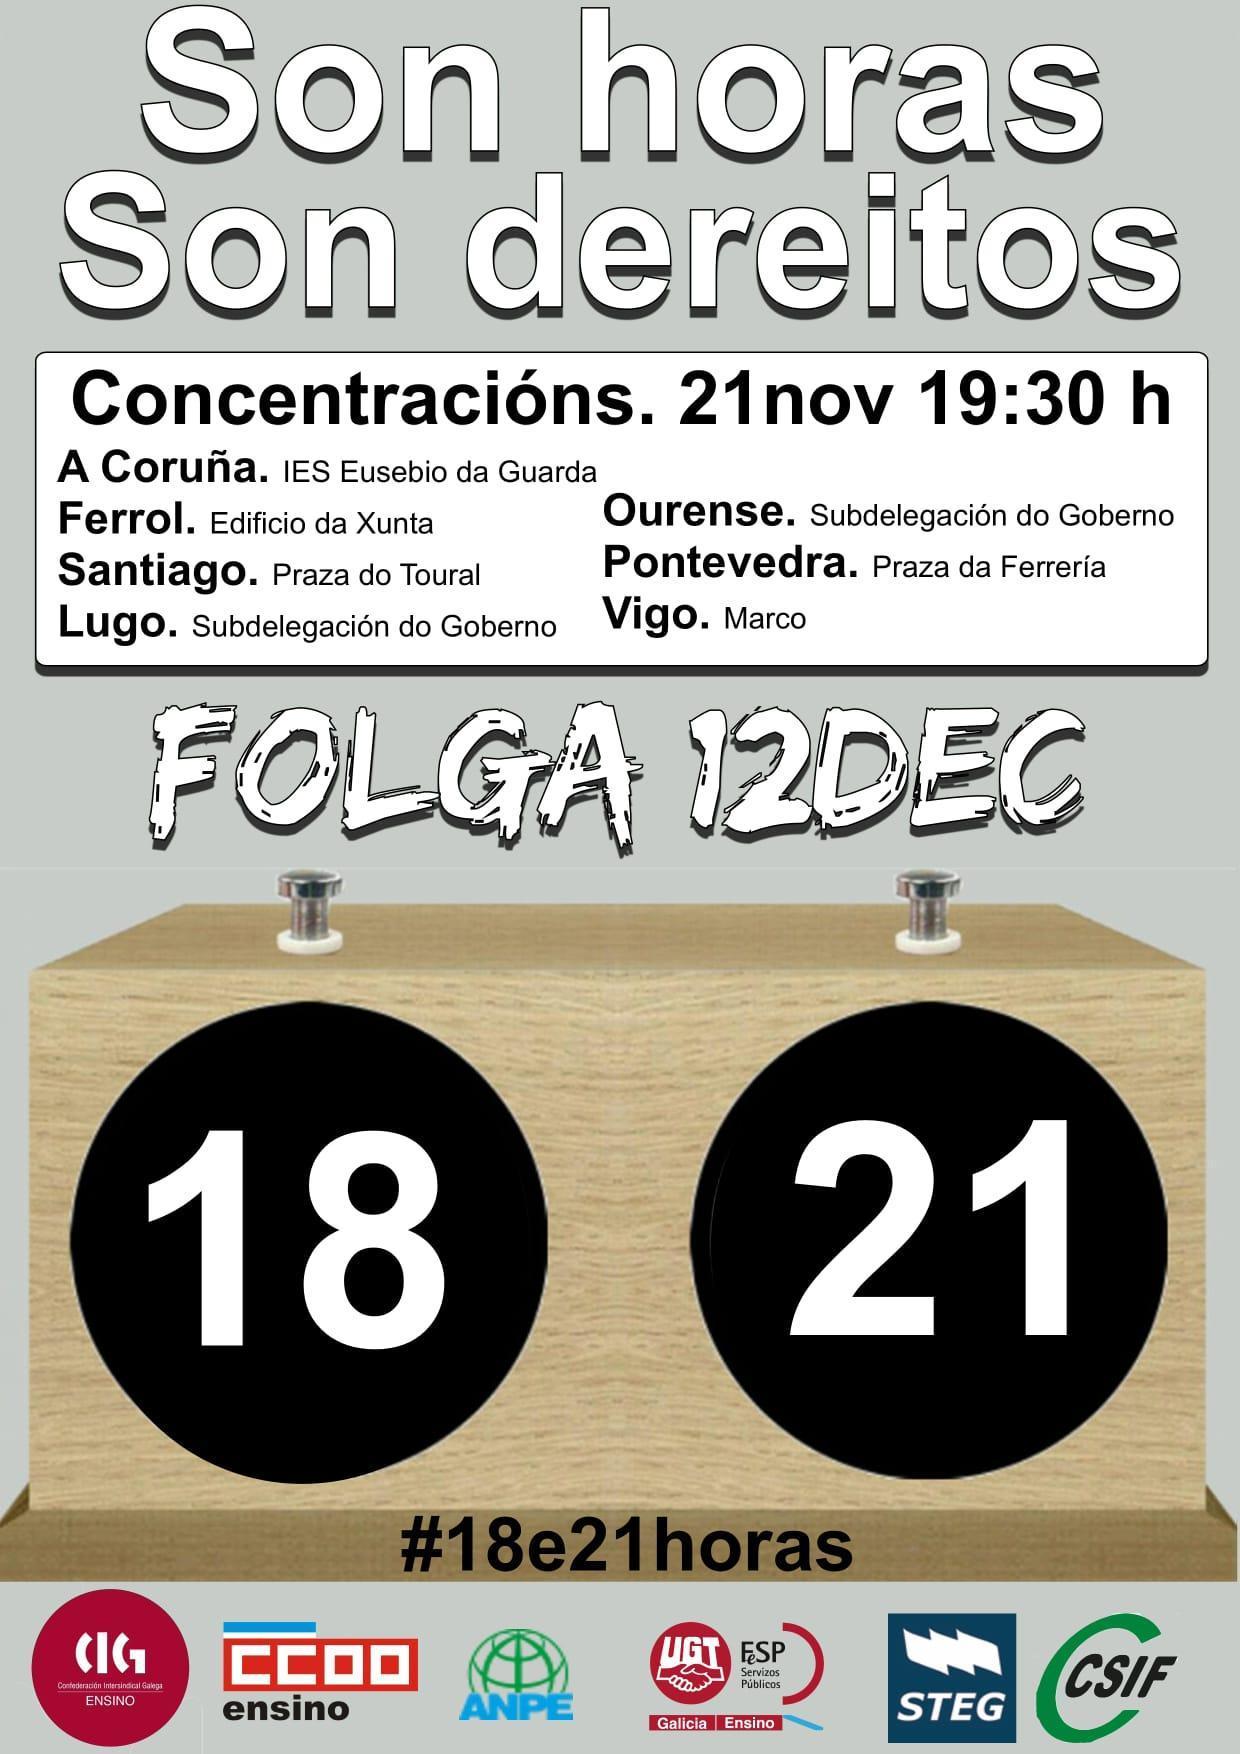 191121_concentracions_cidades